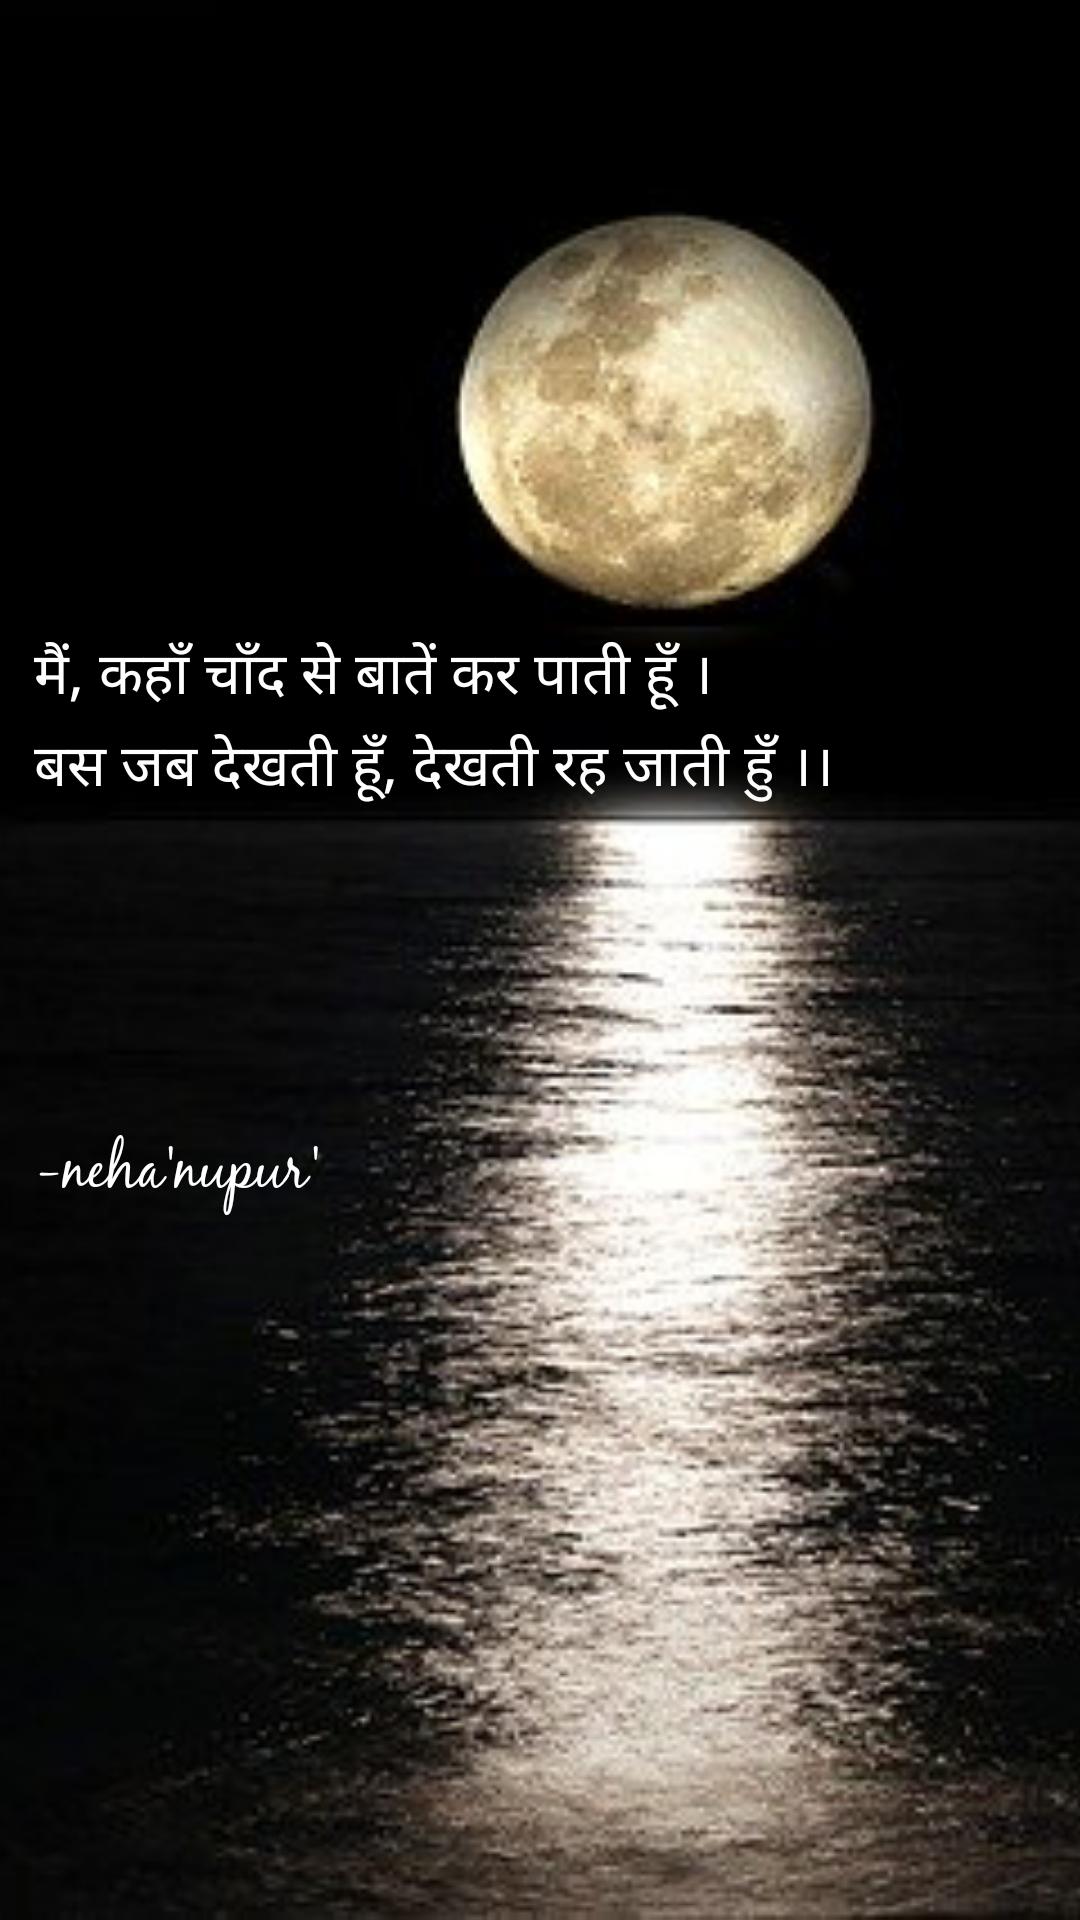 मैं, कहाँ चाँद से बातें कर पाती हूँ । बस जब देखती हूँ, देखती रह जाती हुँ ।।     -neha'nupur'